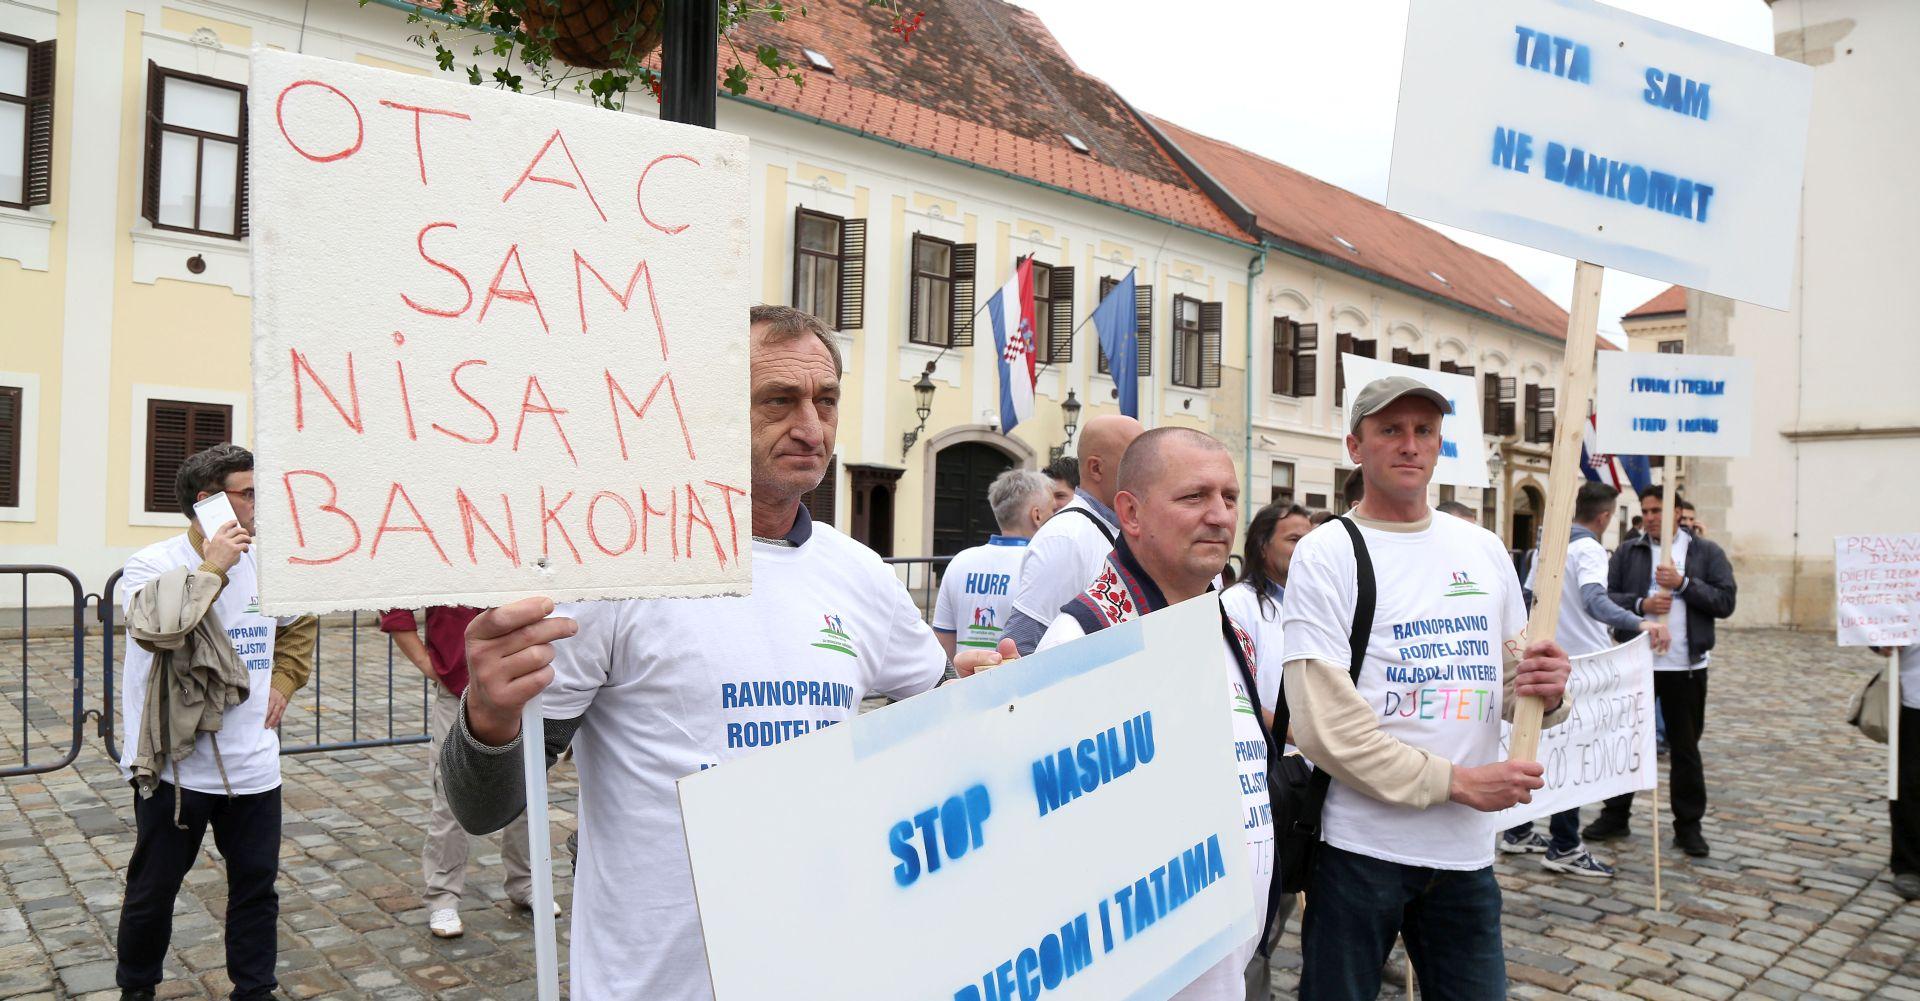 MEĐUNARODNI DAN OBITELJI Očevi na Markovom trgu prosvjedovali zbog uskraćivanja prava